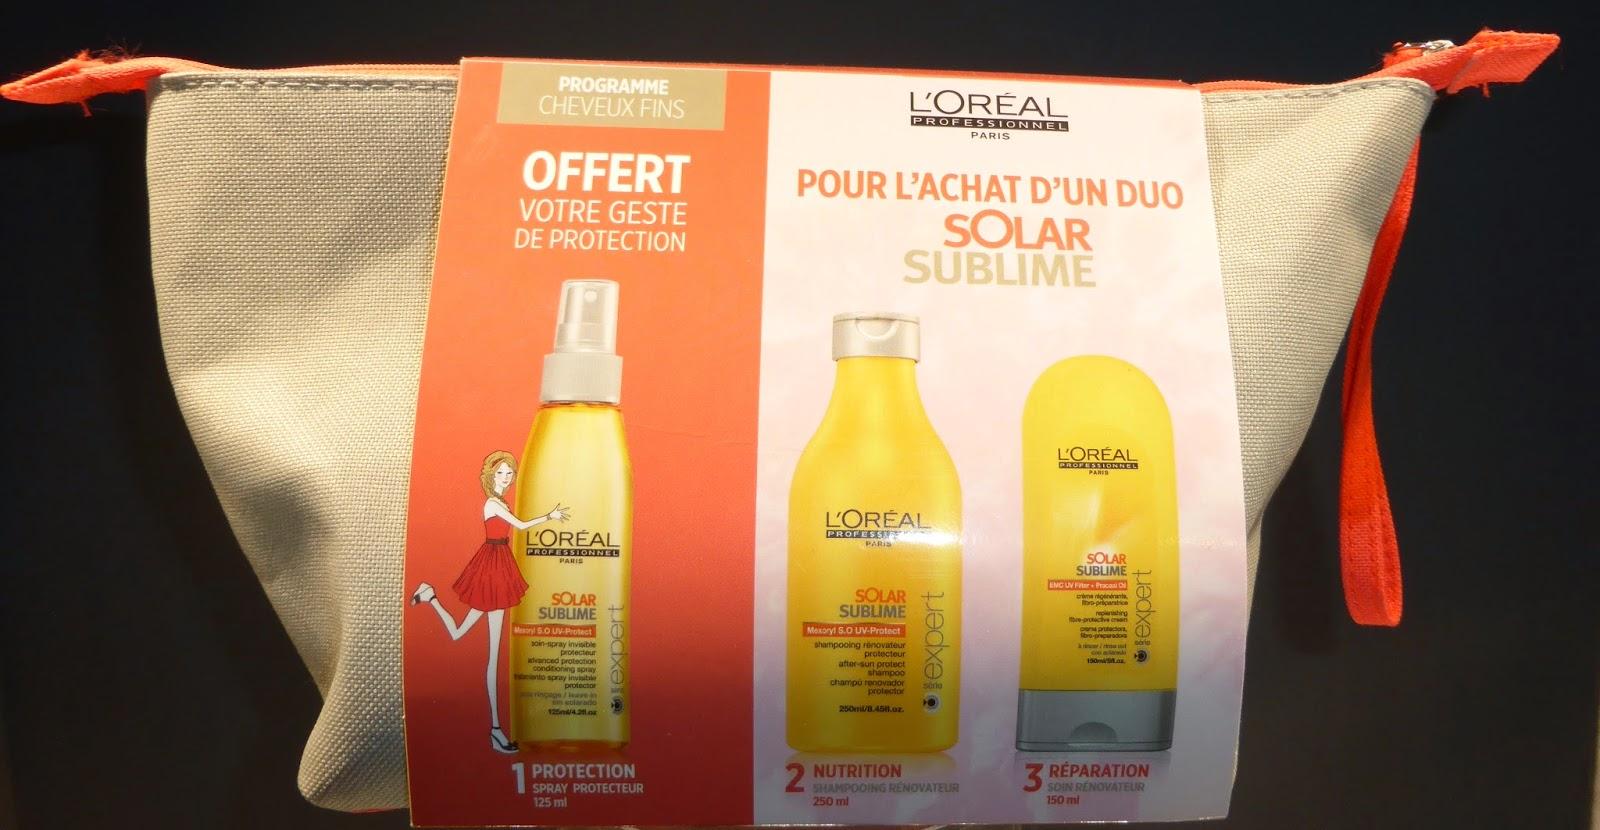 Gamme solaire Solar Sublime de L'Oréal, avec son élégante trousse de toilette.